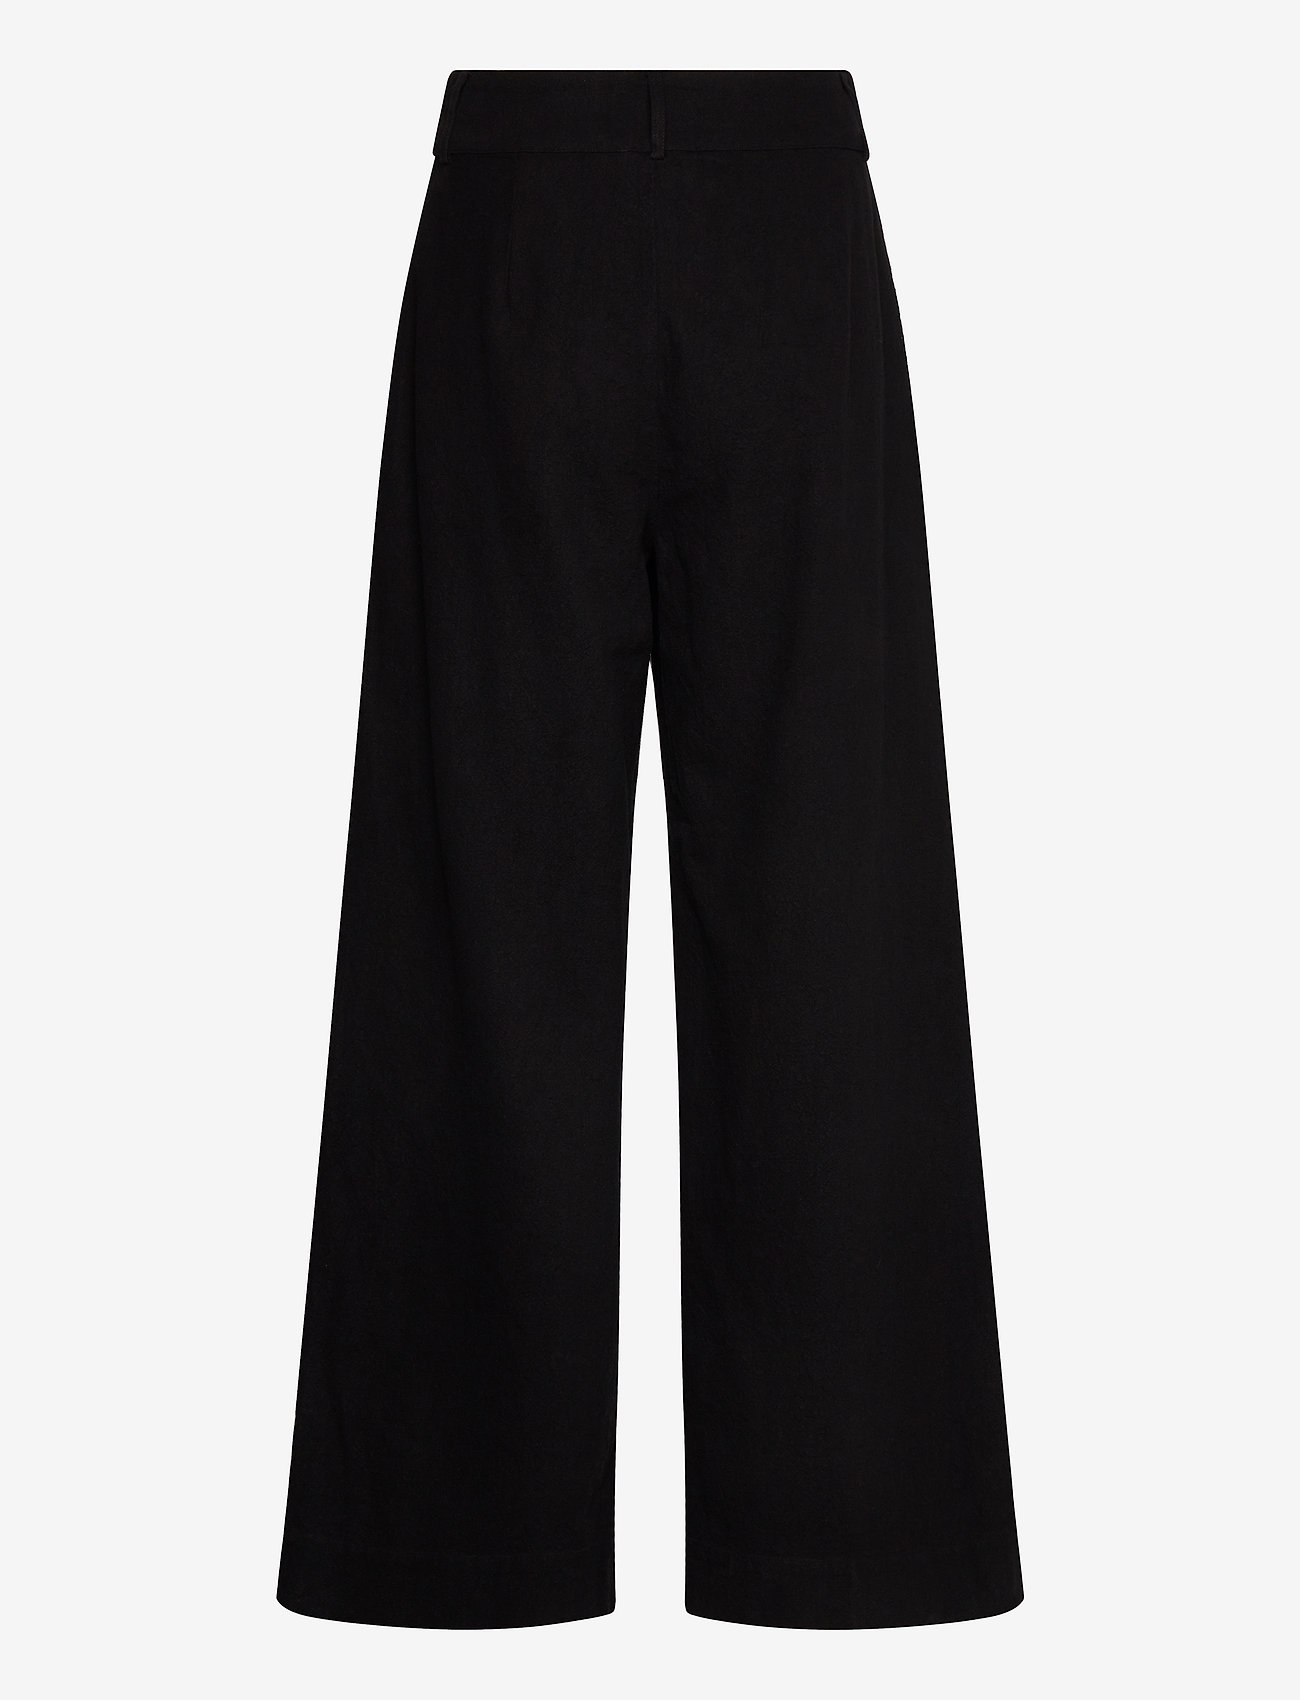 Just Female Cenia trousers - Bukser BLACK - Dameklær Spesialtilbud